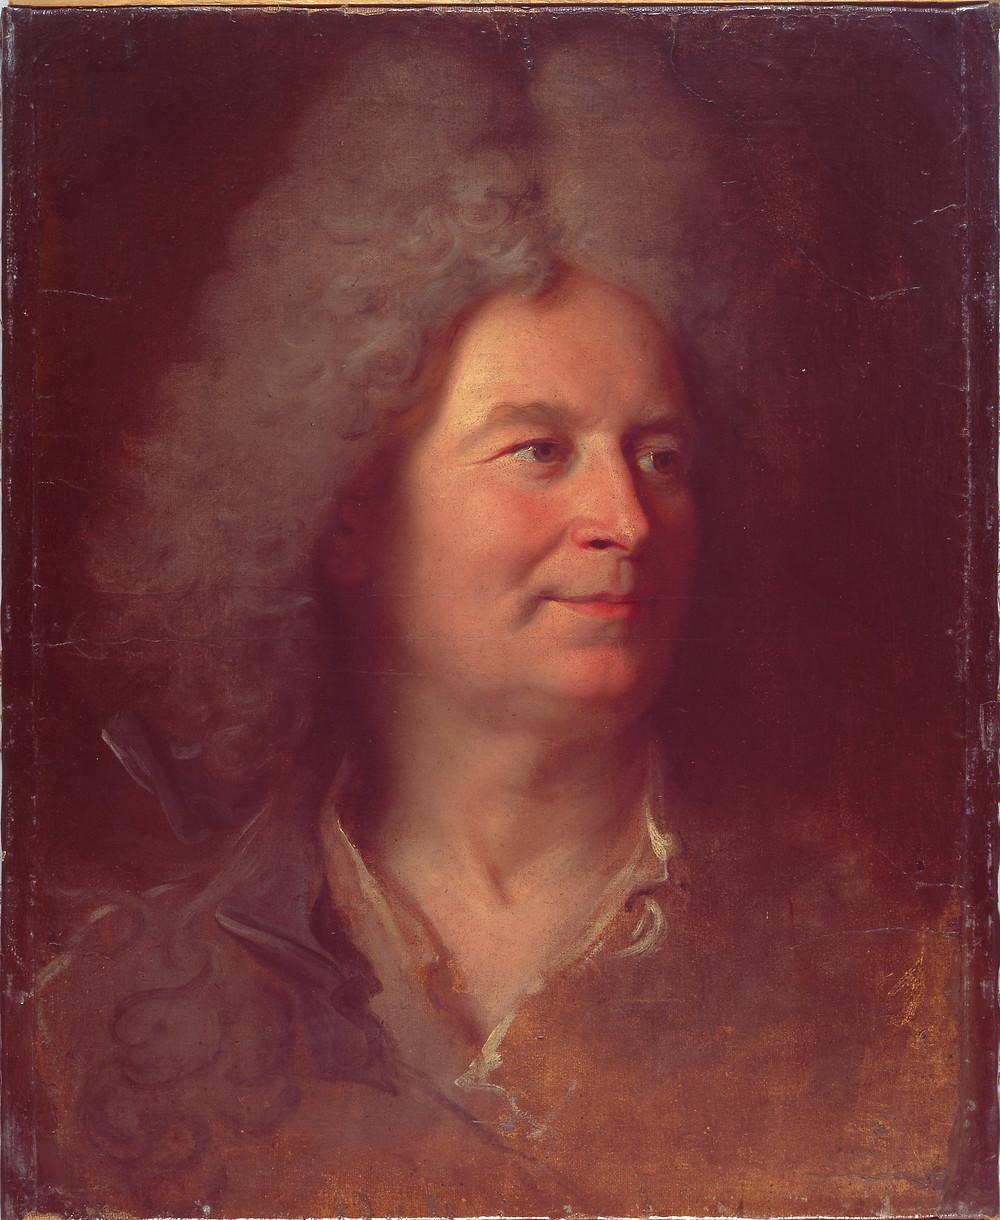 Hyacinthe Rigaud, Esquisse pour le portrait d'un sculpteur inconnu, vers 1700-1705, Berne, Kunstmuseum, inv. 977